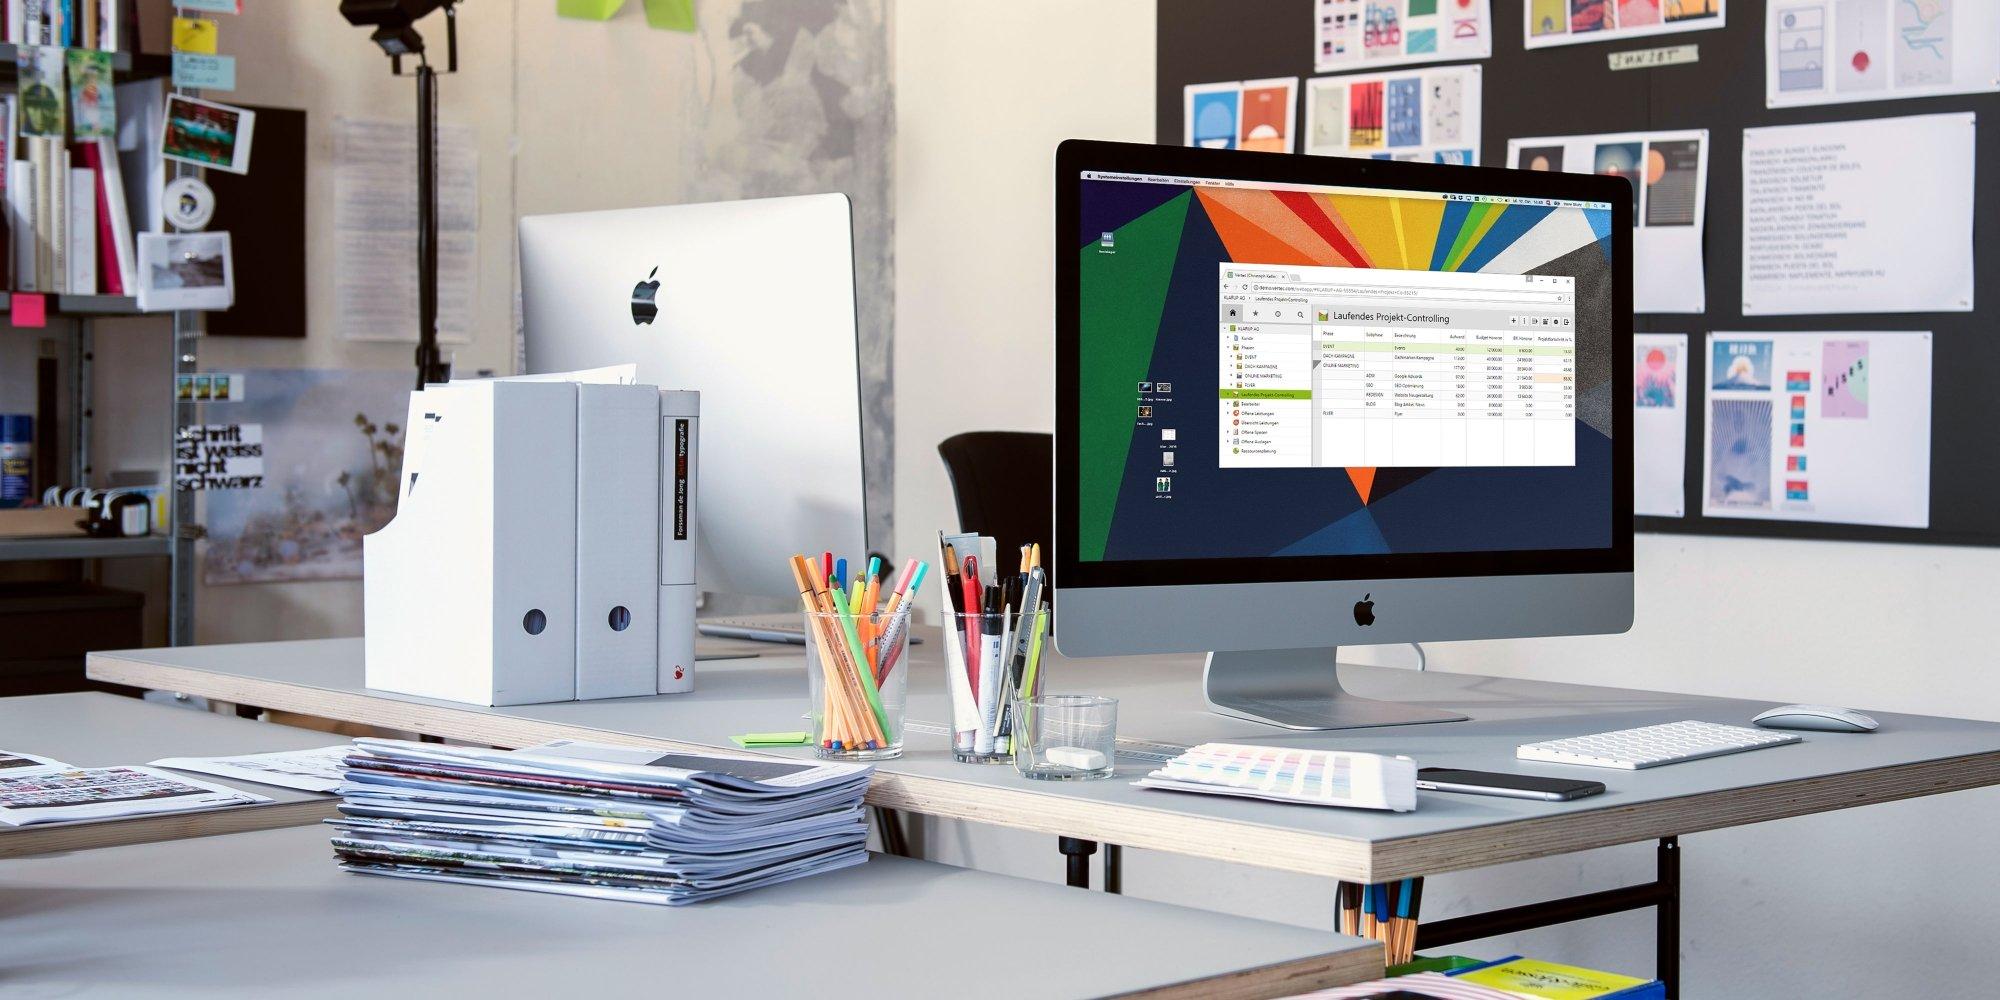 Agentursoftware Vertec auf dem Mac